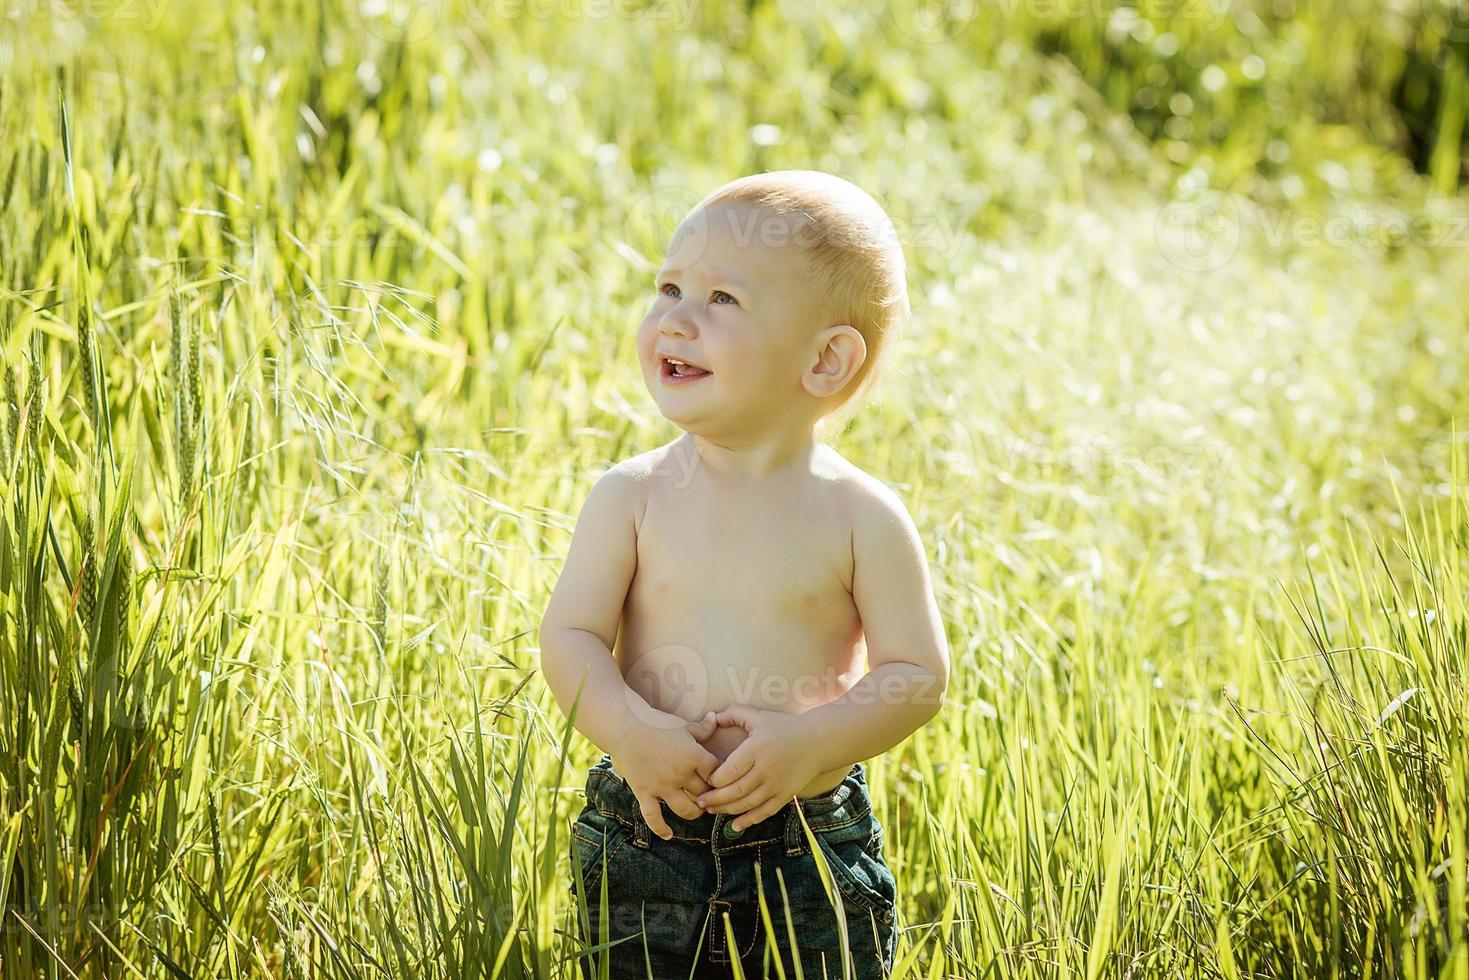 petit garçon sur la pelouse, photo